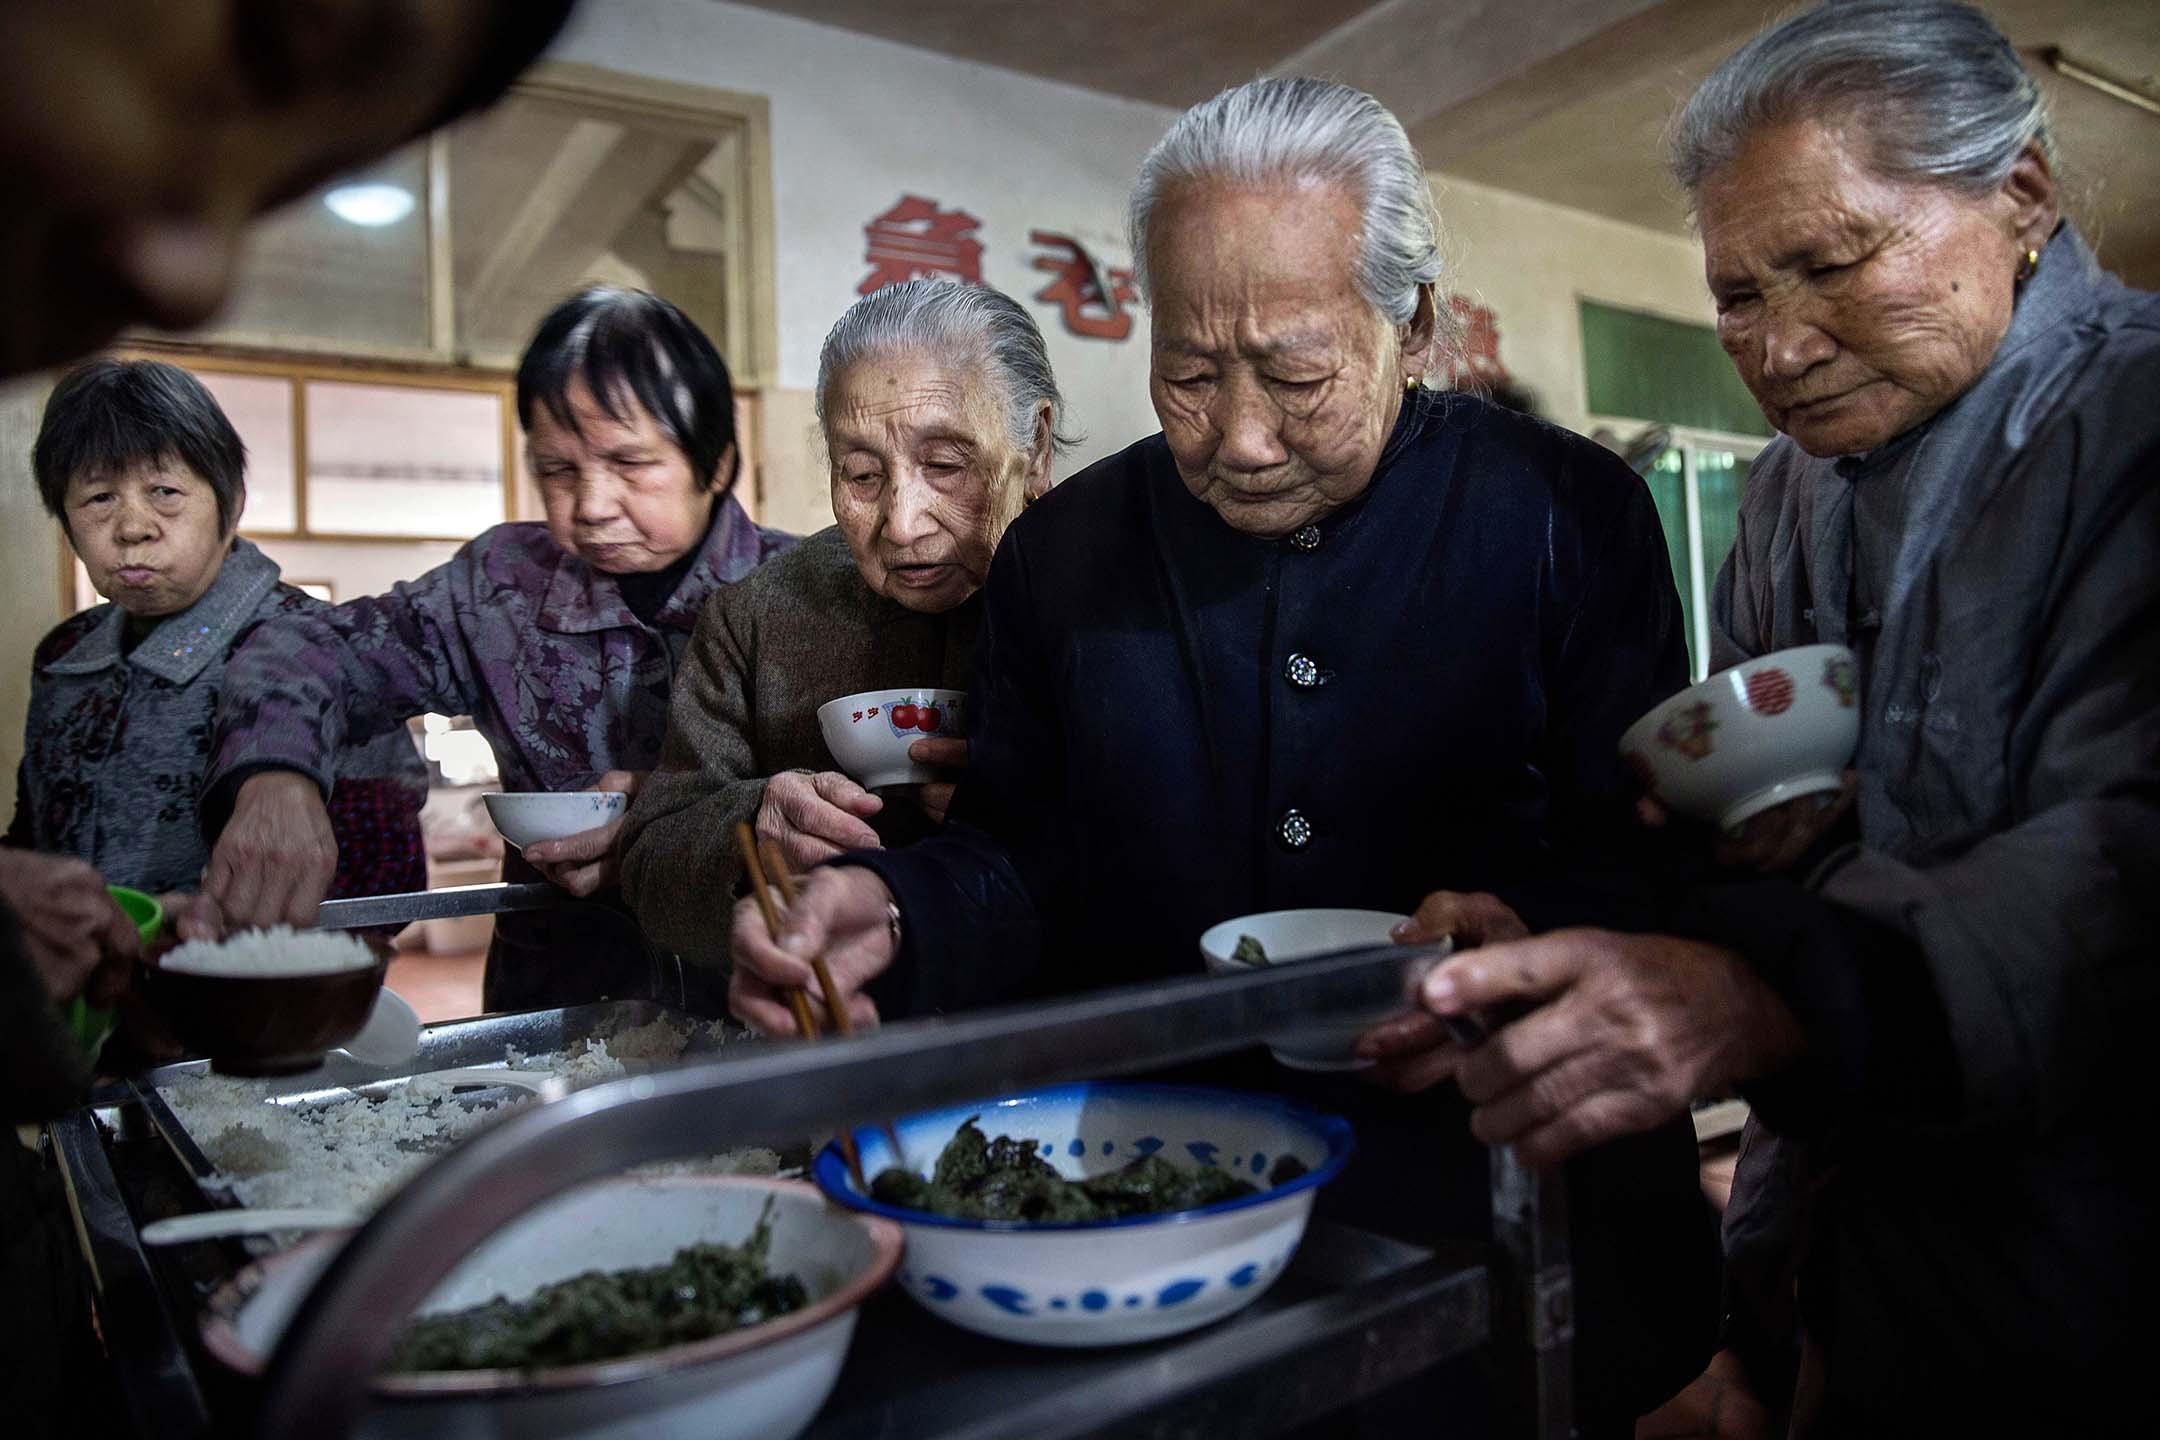 2016年3月17日中國福建沙縣,年長的居民在寺廟內的老人院吃午餐。